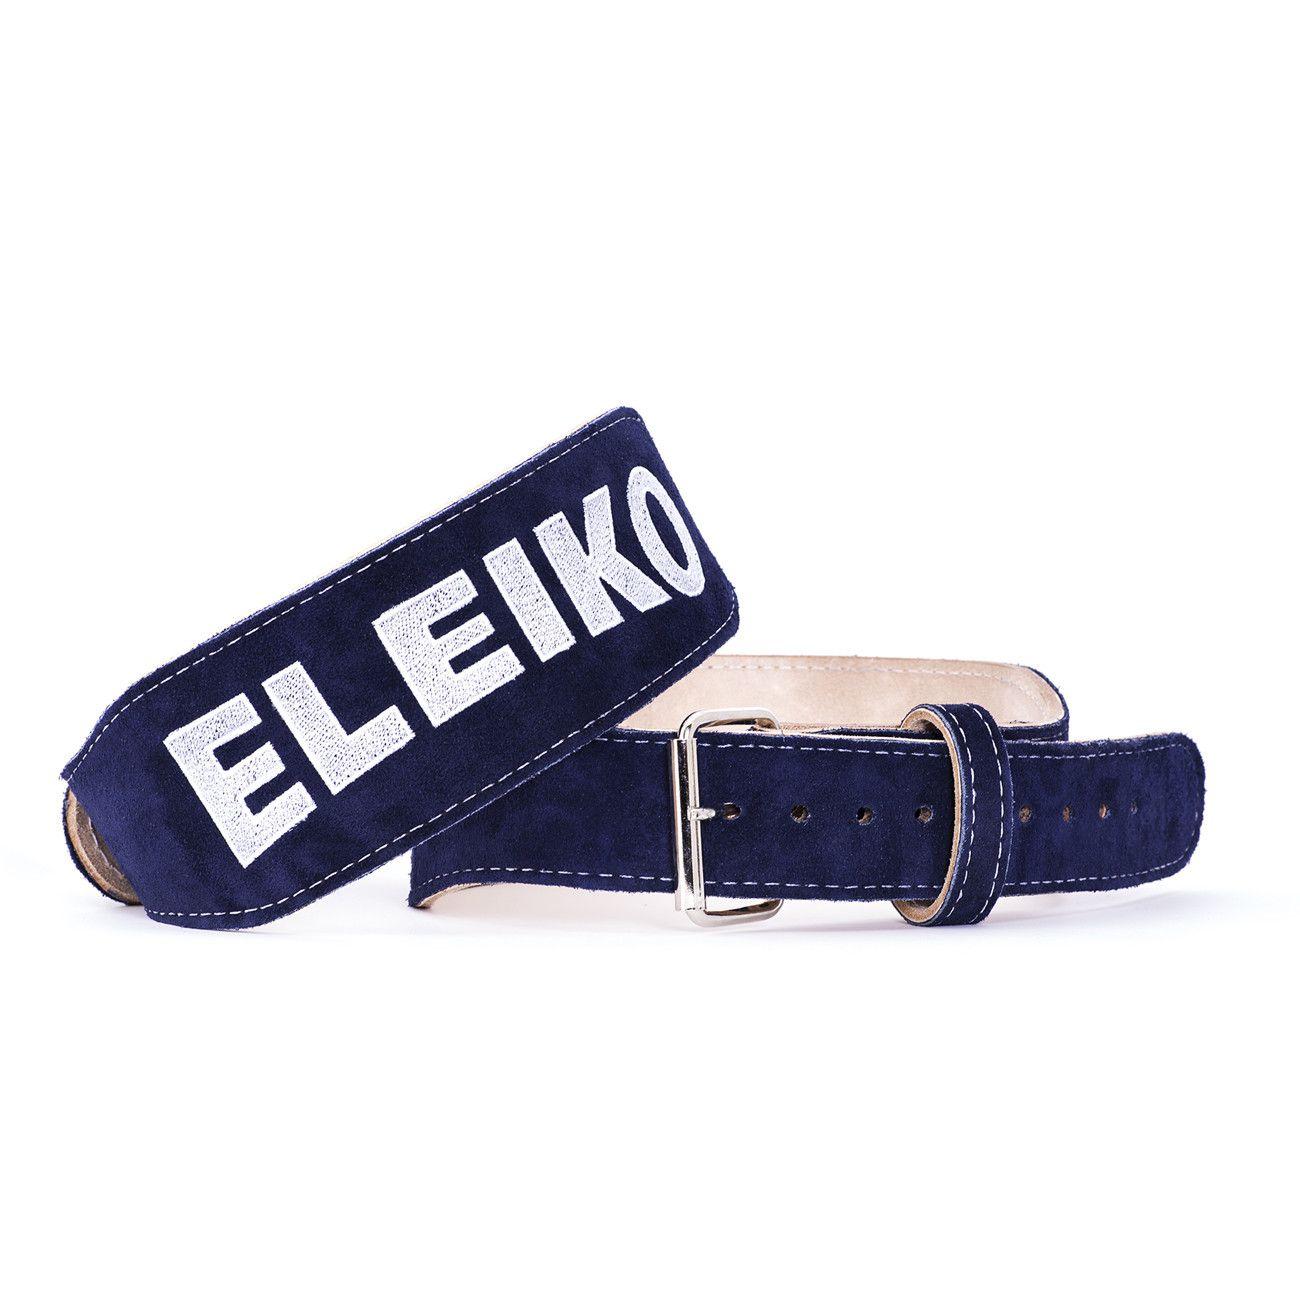 Eleiko weightlifting belt blue suede eleiko sport usa things eleiko weightlifting belt blue suede eleiko sport usa gamestrikefo Gallery